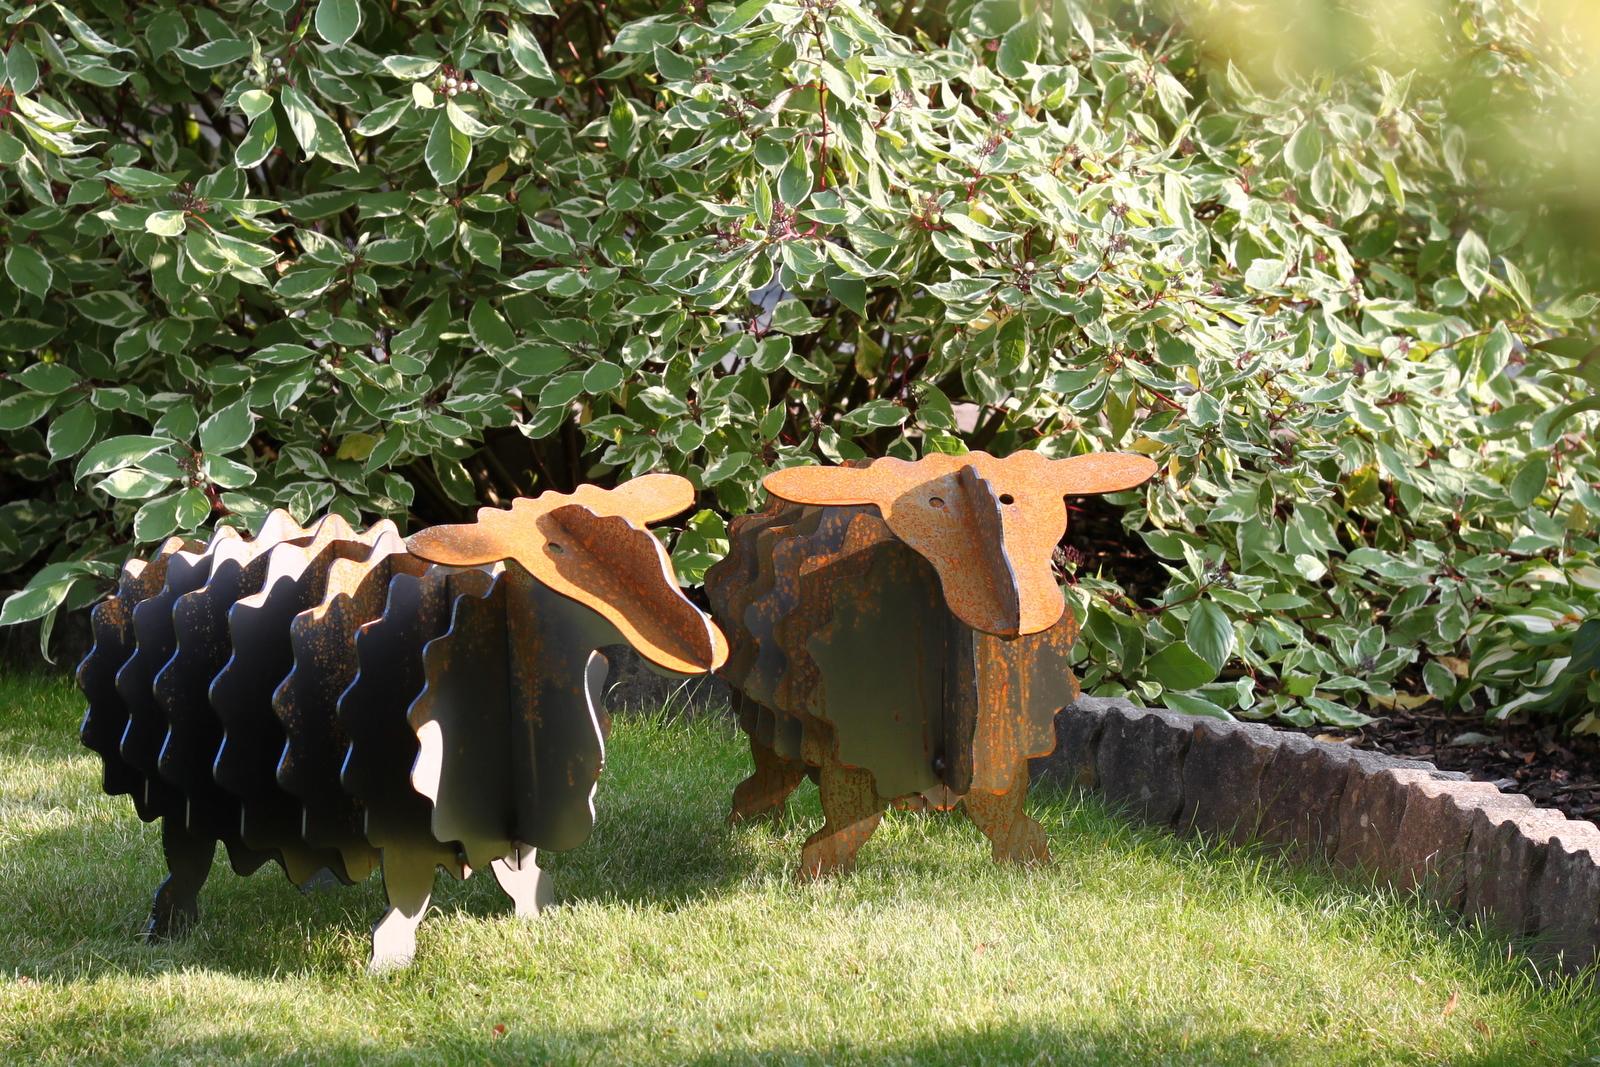 gartenskulpturen metall rost: gartenkunst metall stein gartendeko, Garten und Bauen